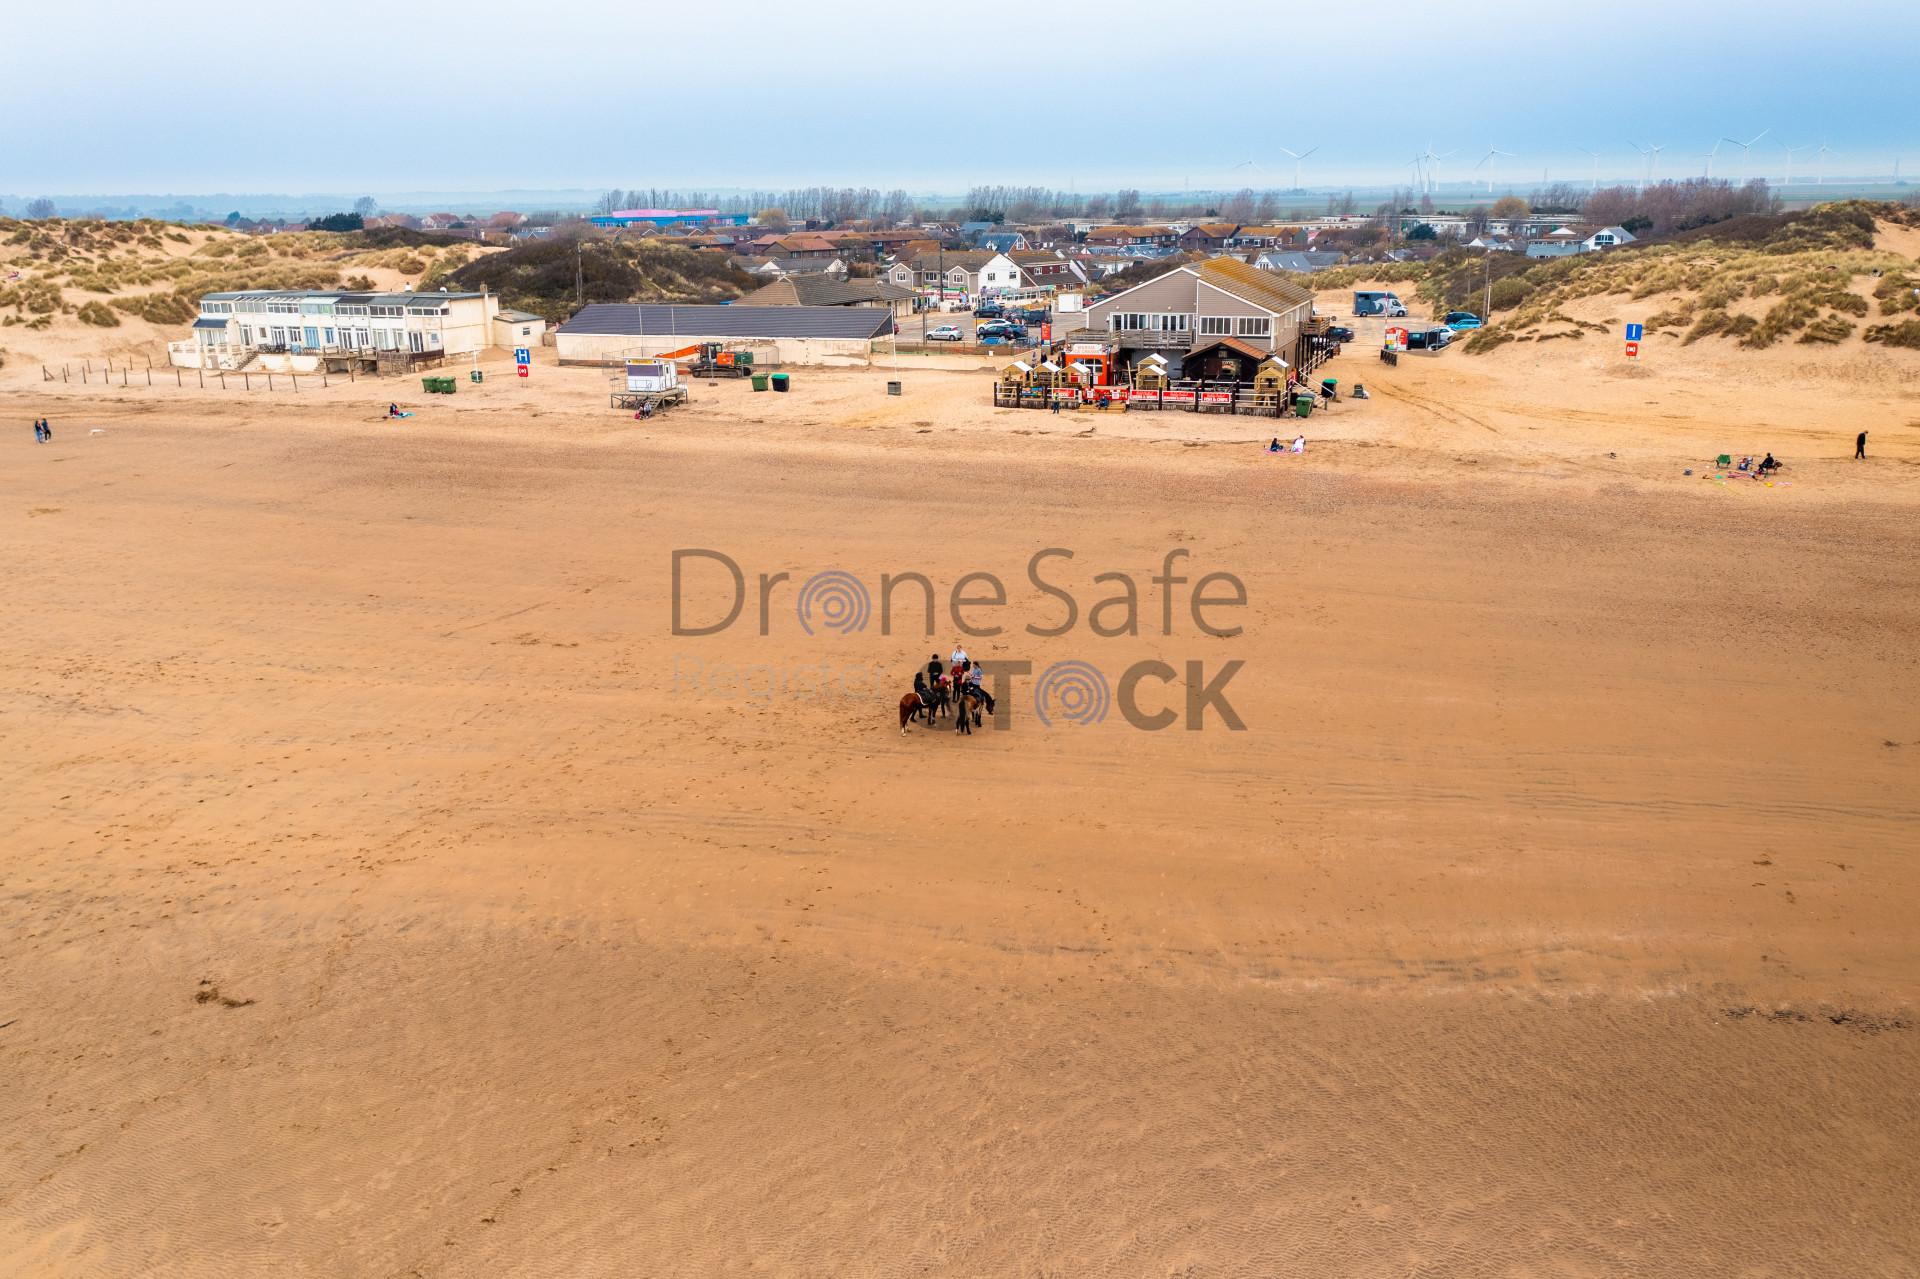 Esprit Drone Services